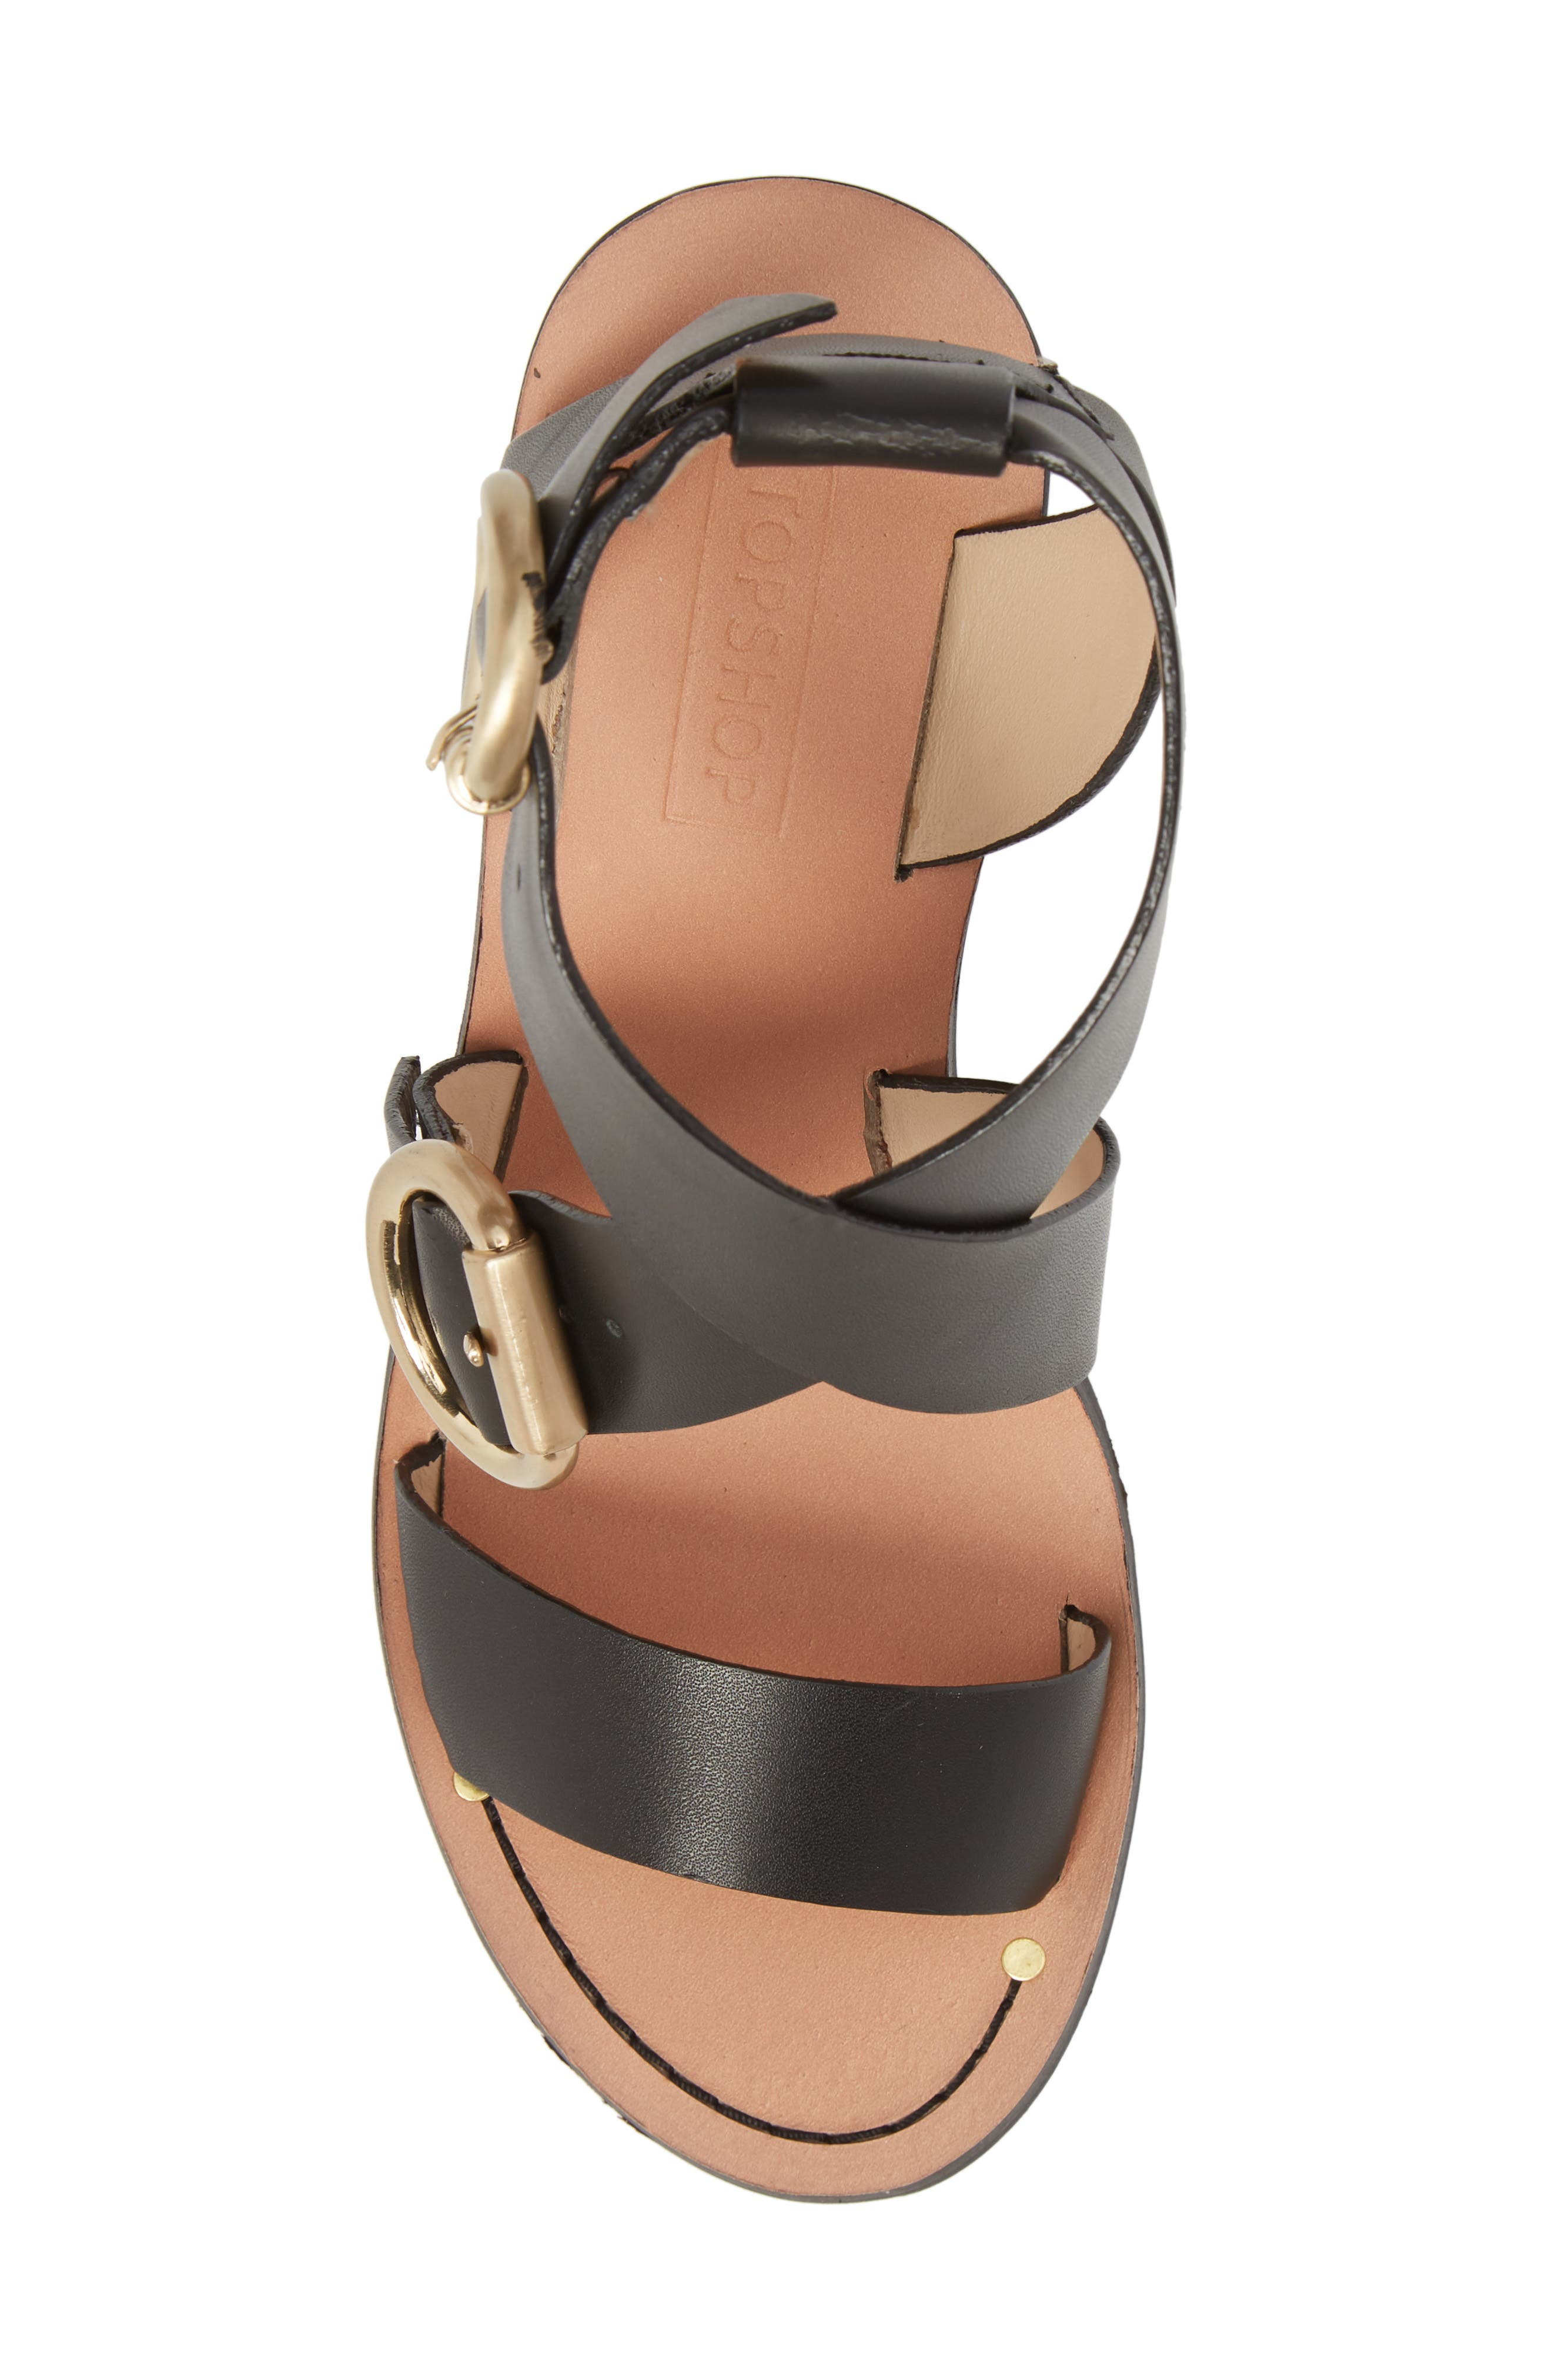 Natalie Buckled Cross Strap Sandal,                             Alternate thumbnail 5, color,                             Black Multi